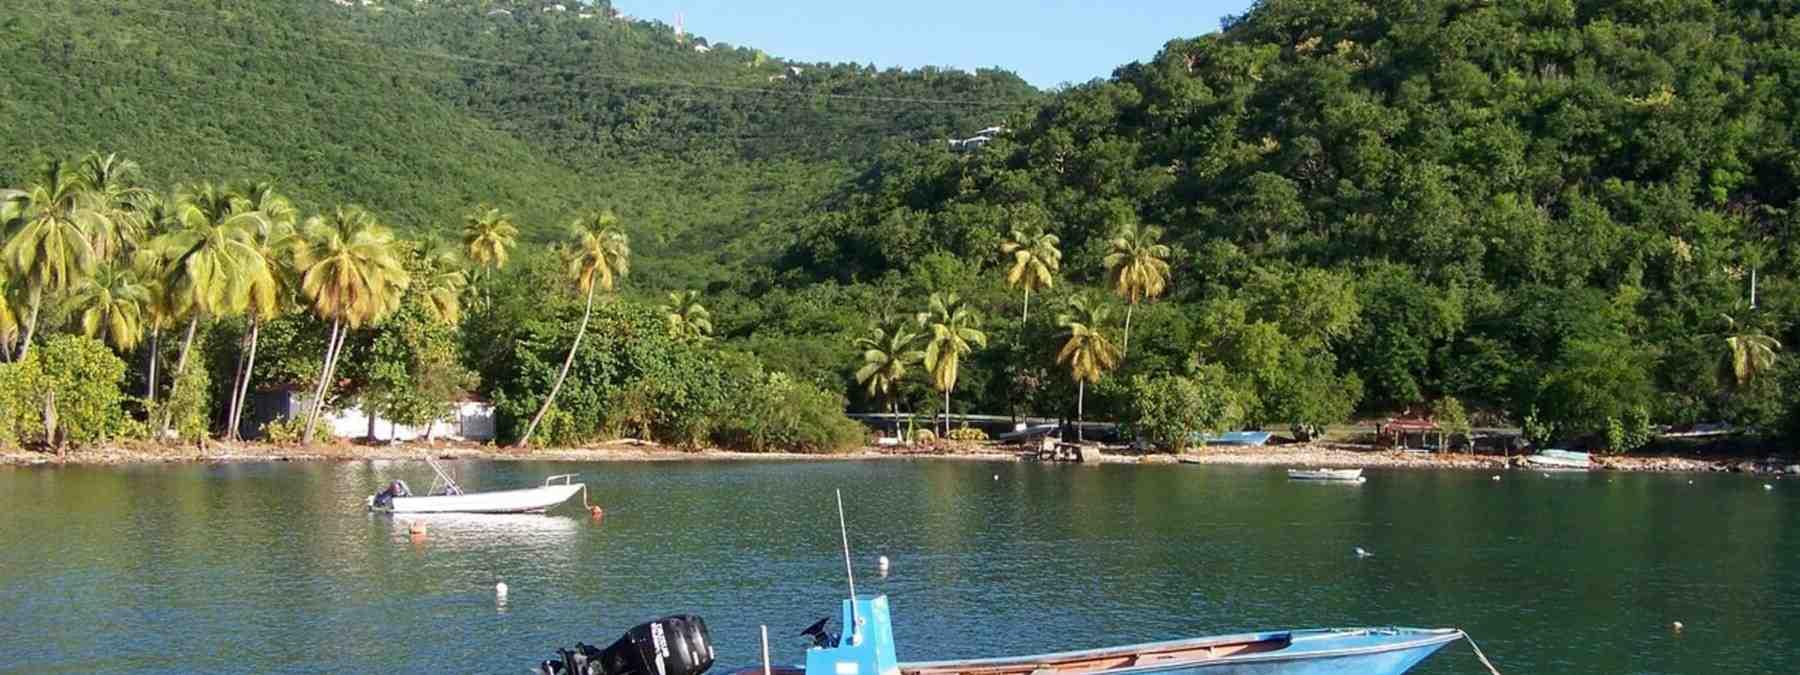 Quelle est la meilleure période pour partir en Guadeloupe?